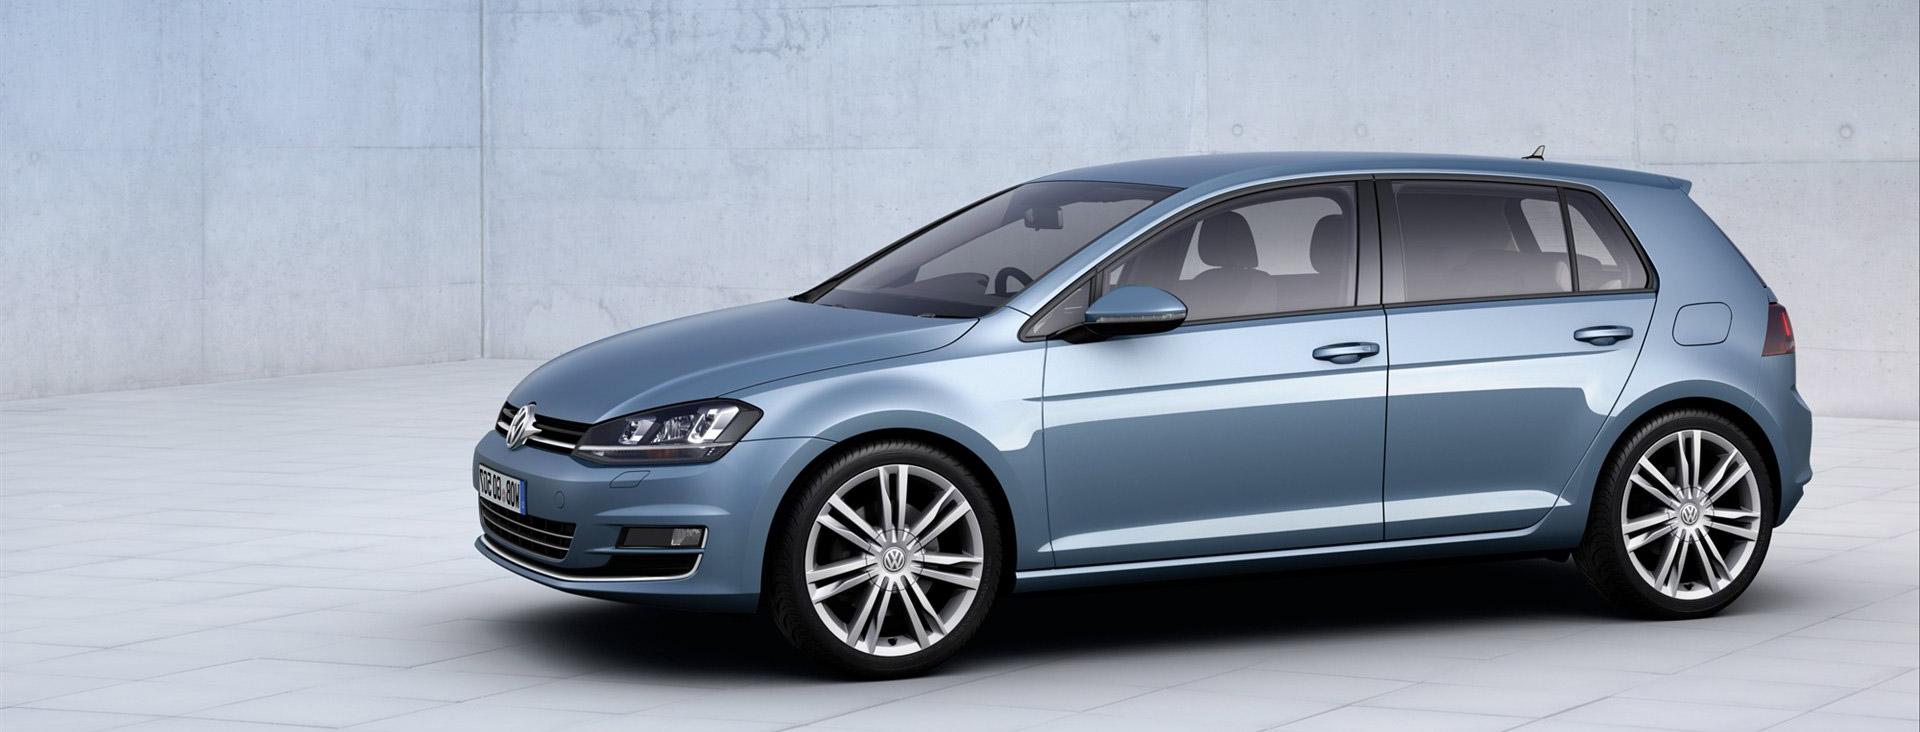 Golf 7 et Audi A3 désormais programmables par la prise OBD